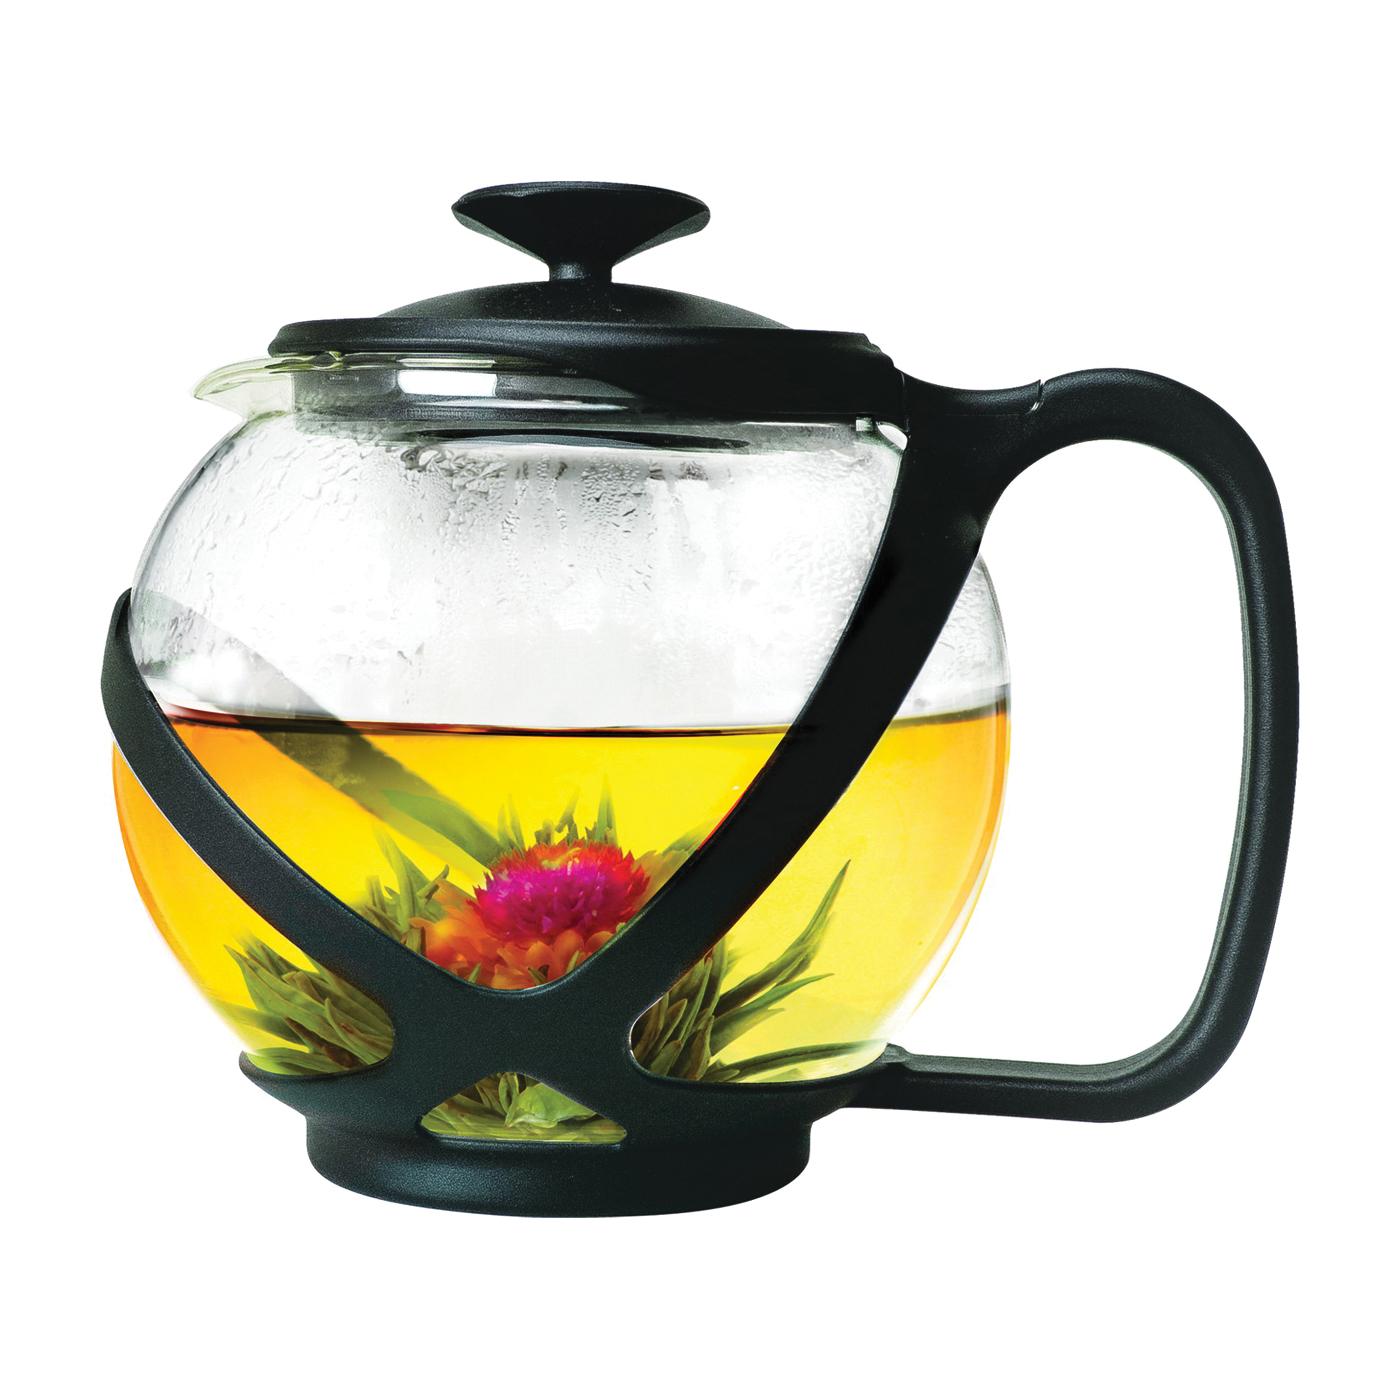 Picture of Primula Tempo PTA-2340 Teapot, 40 oz Capacity, Borosilicate Glass, Black/Red